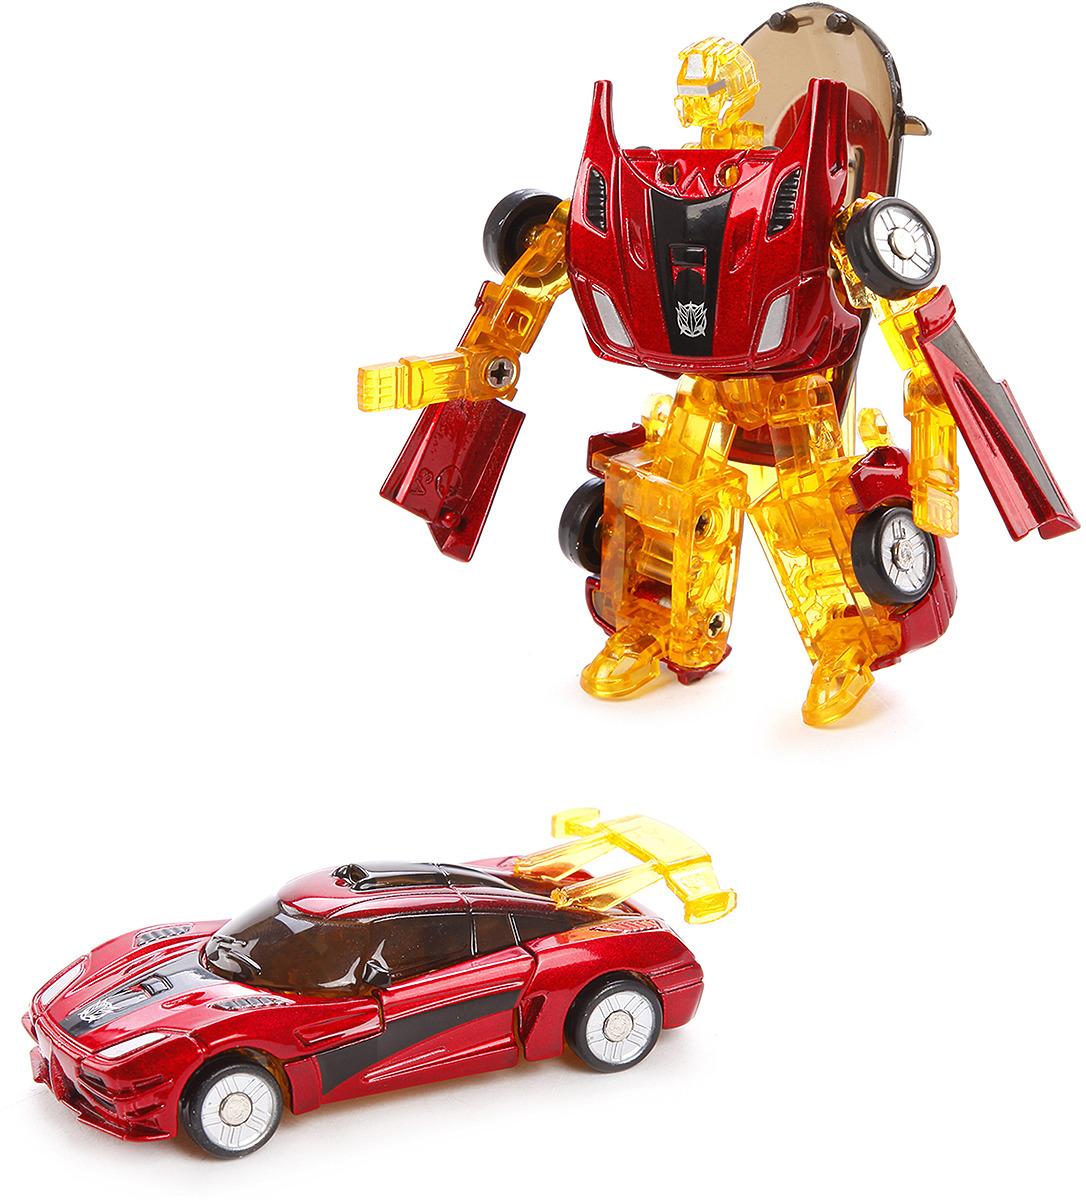 Трансформер Пламенный мотор Робот-машина Космобот, в ассортименте. 870280 машина пламенный мотор машина пластик от 3 лет цвет в ассортименте 87420